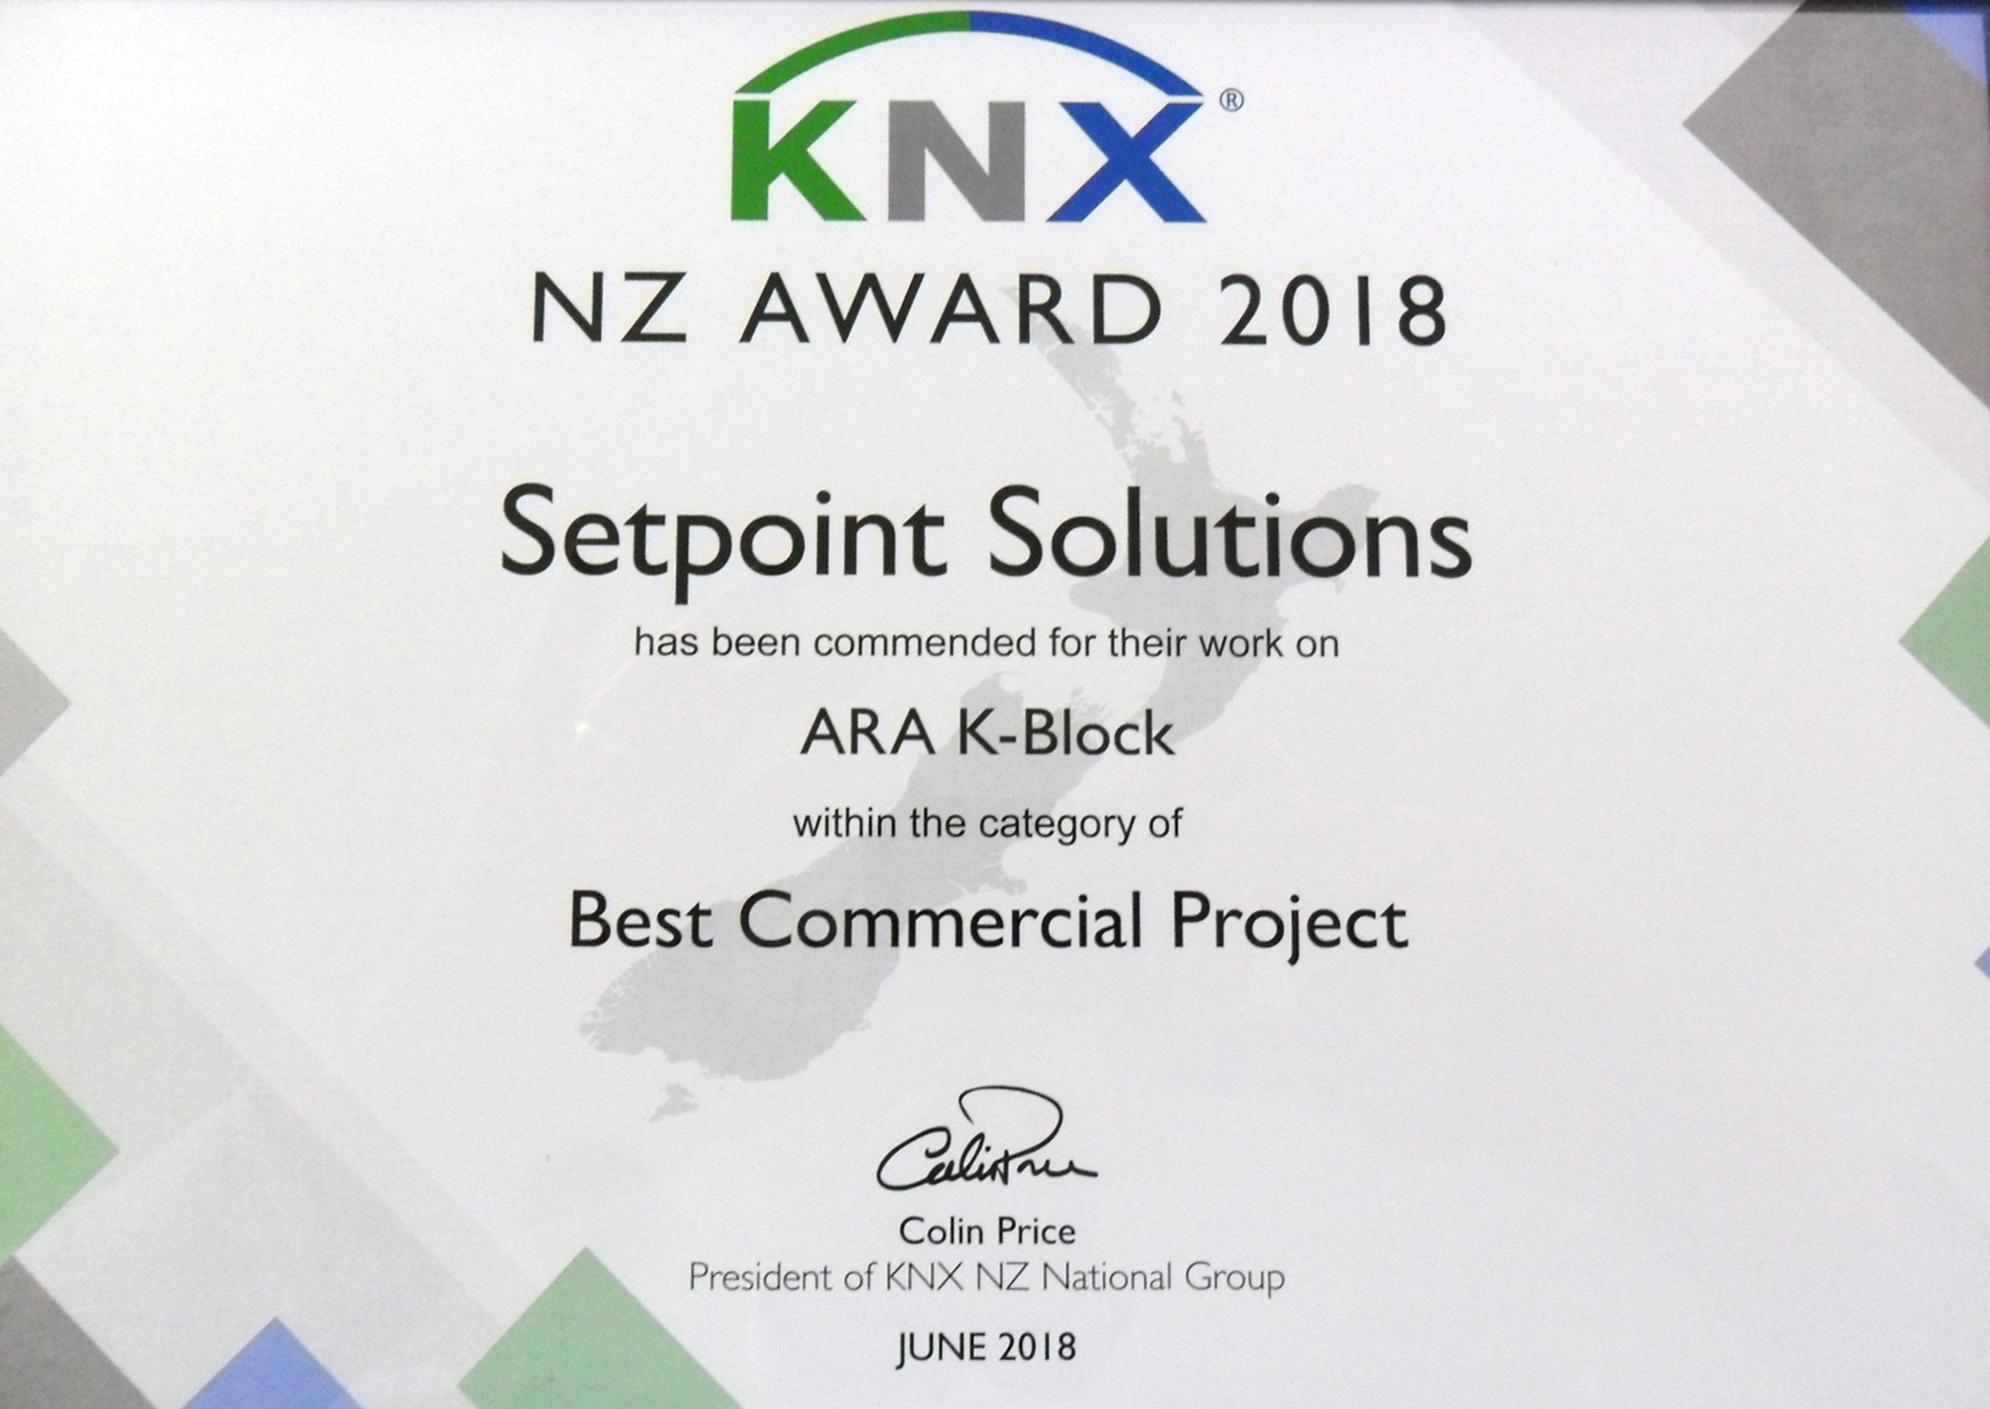 Image:KNX Award commendation